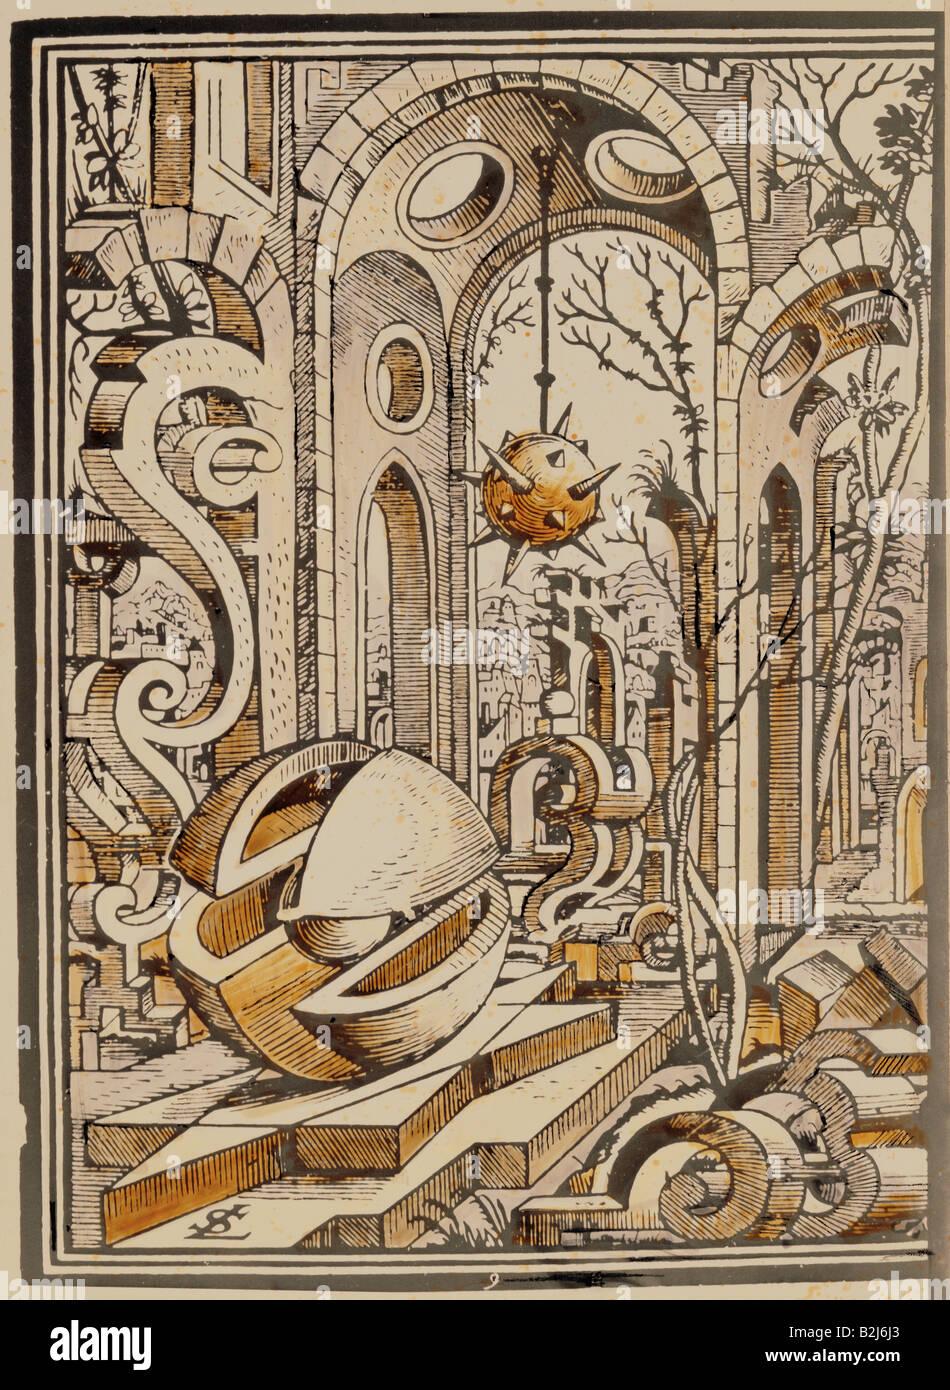 Ciencia, geometría, paisaje geométrico, grabado en cobre, 'Geometria et Perspectiva' por Lorenz Imagen De Stock